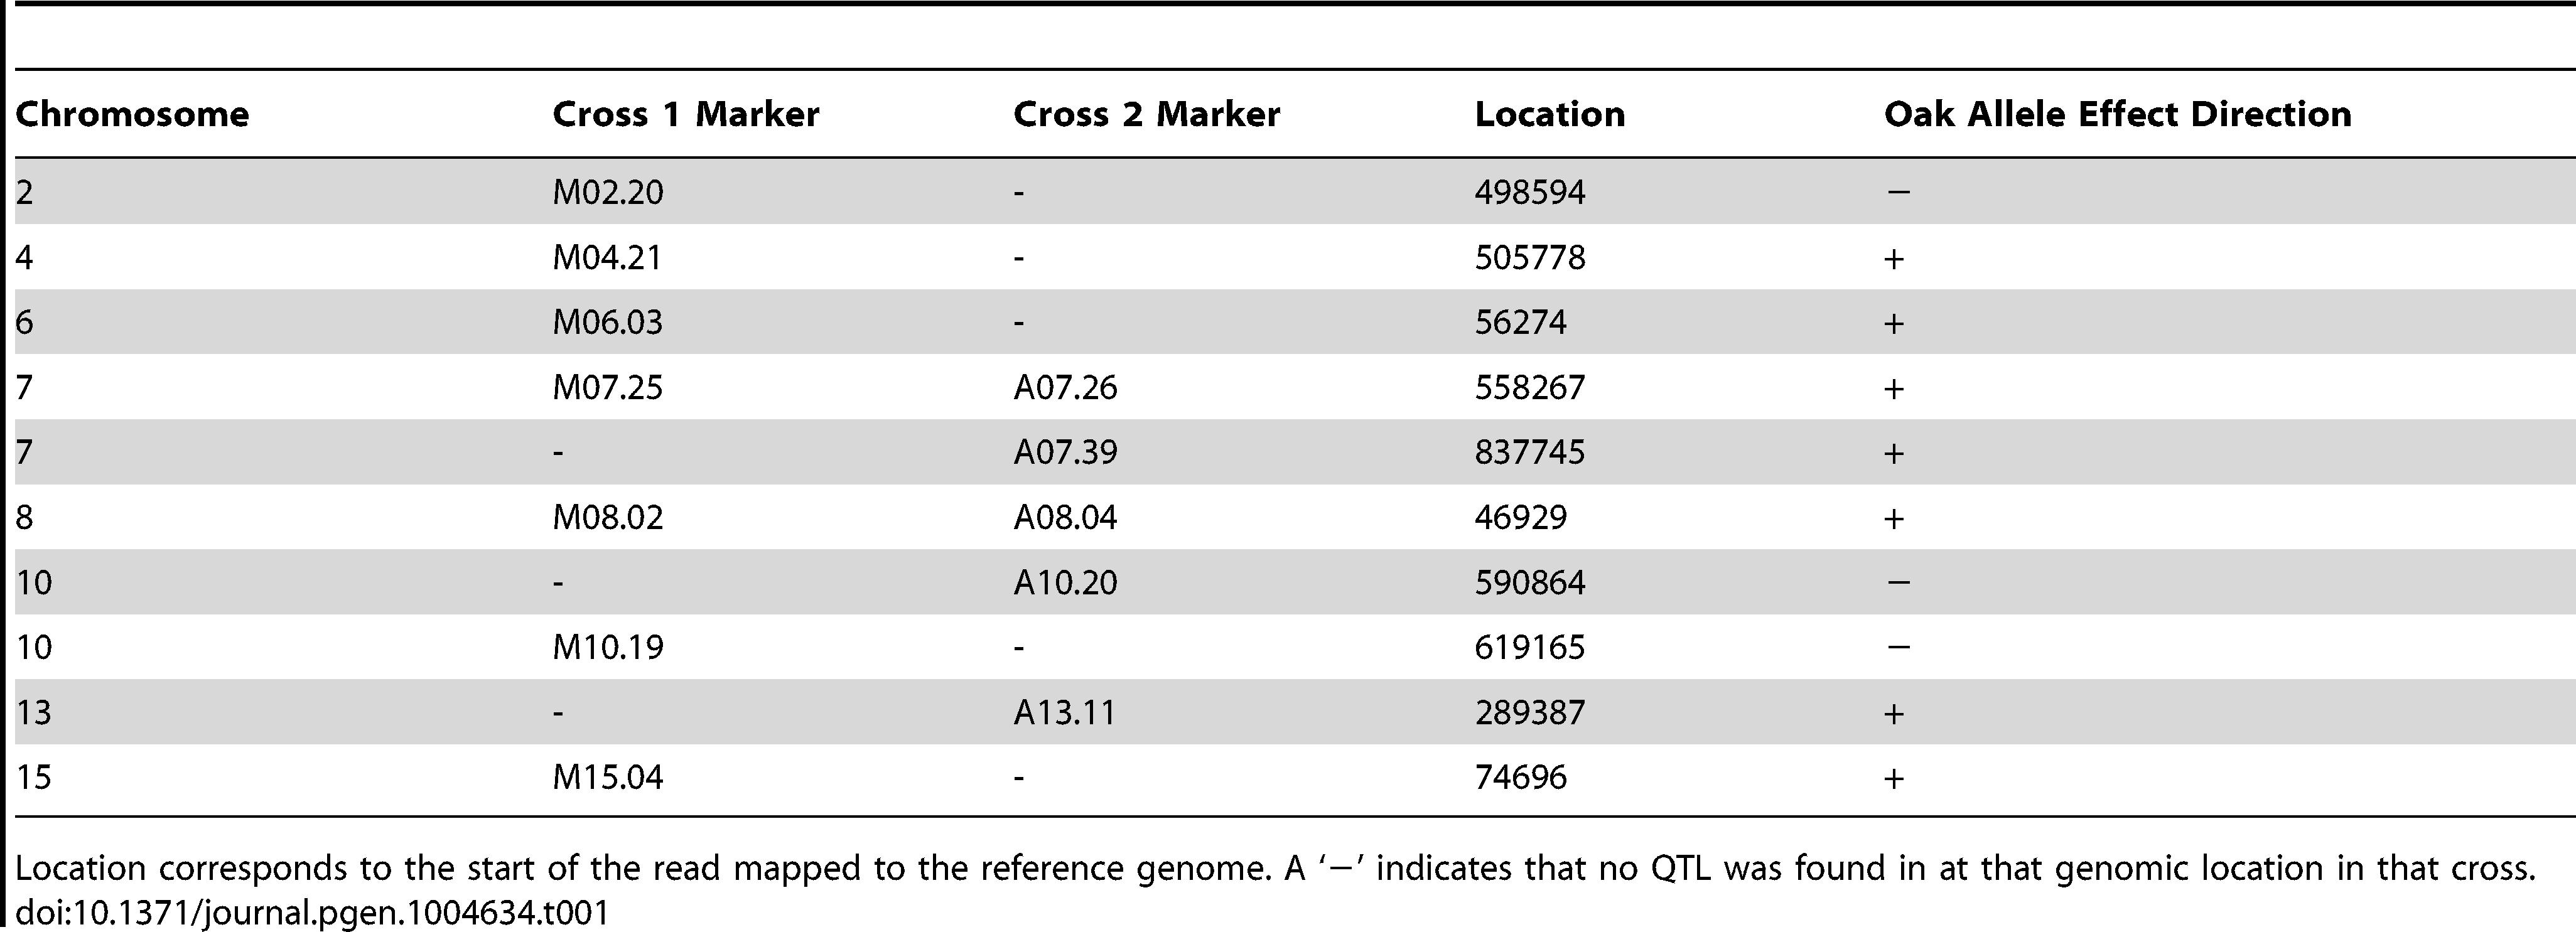 Markers nearest QTL peak apex.